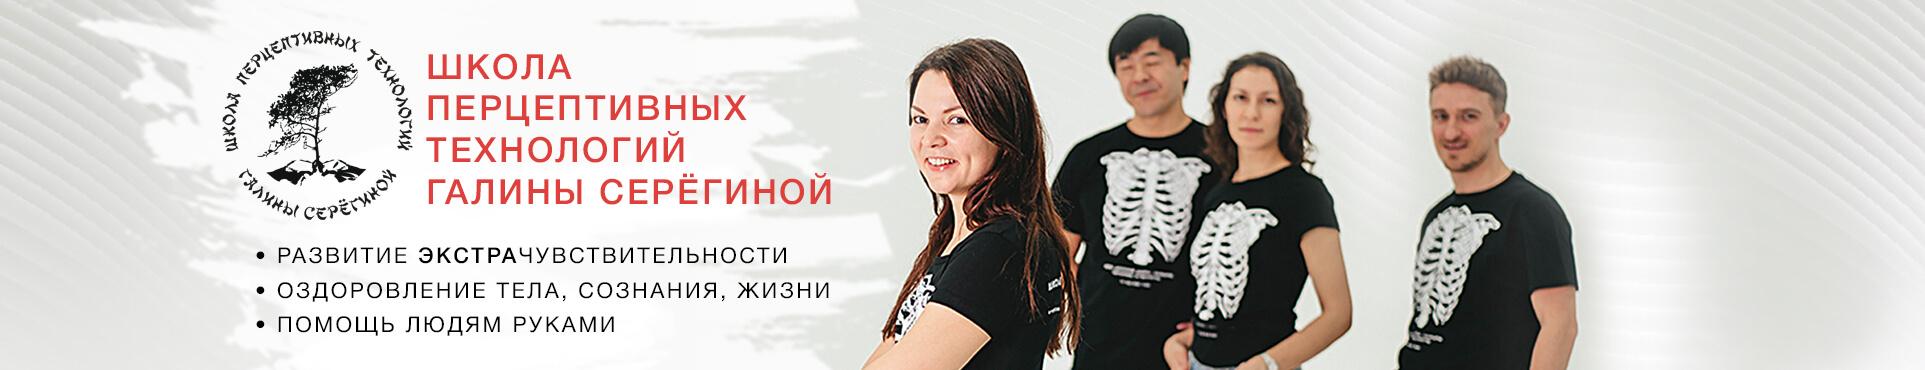 Школа перцептивных технологий Галины Серёгиной